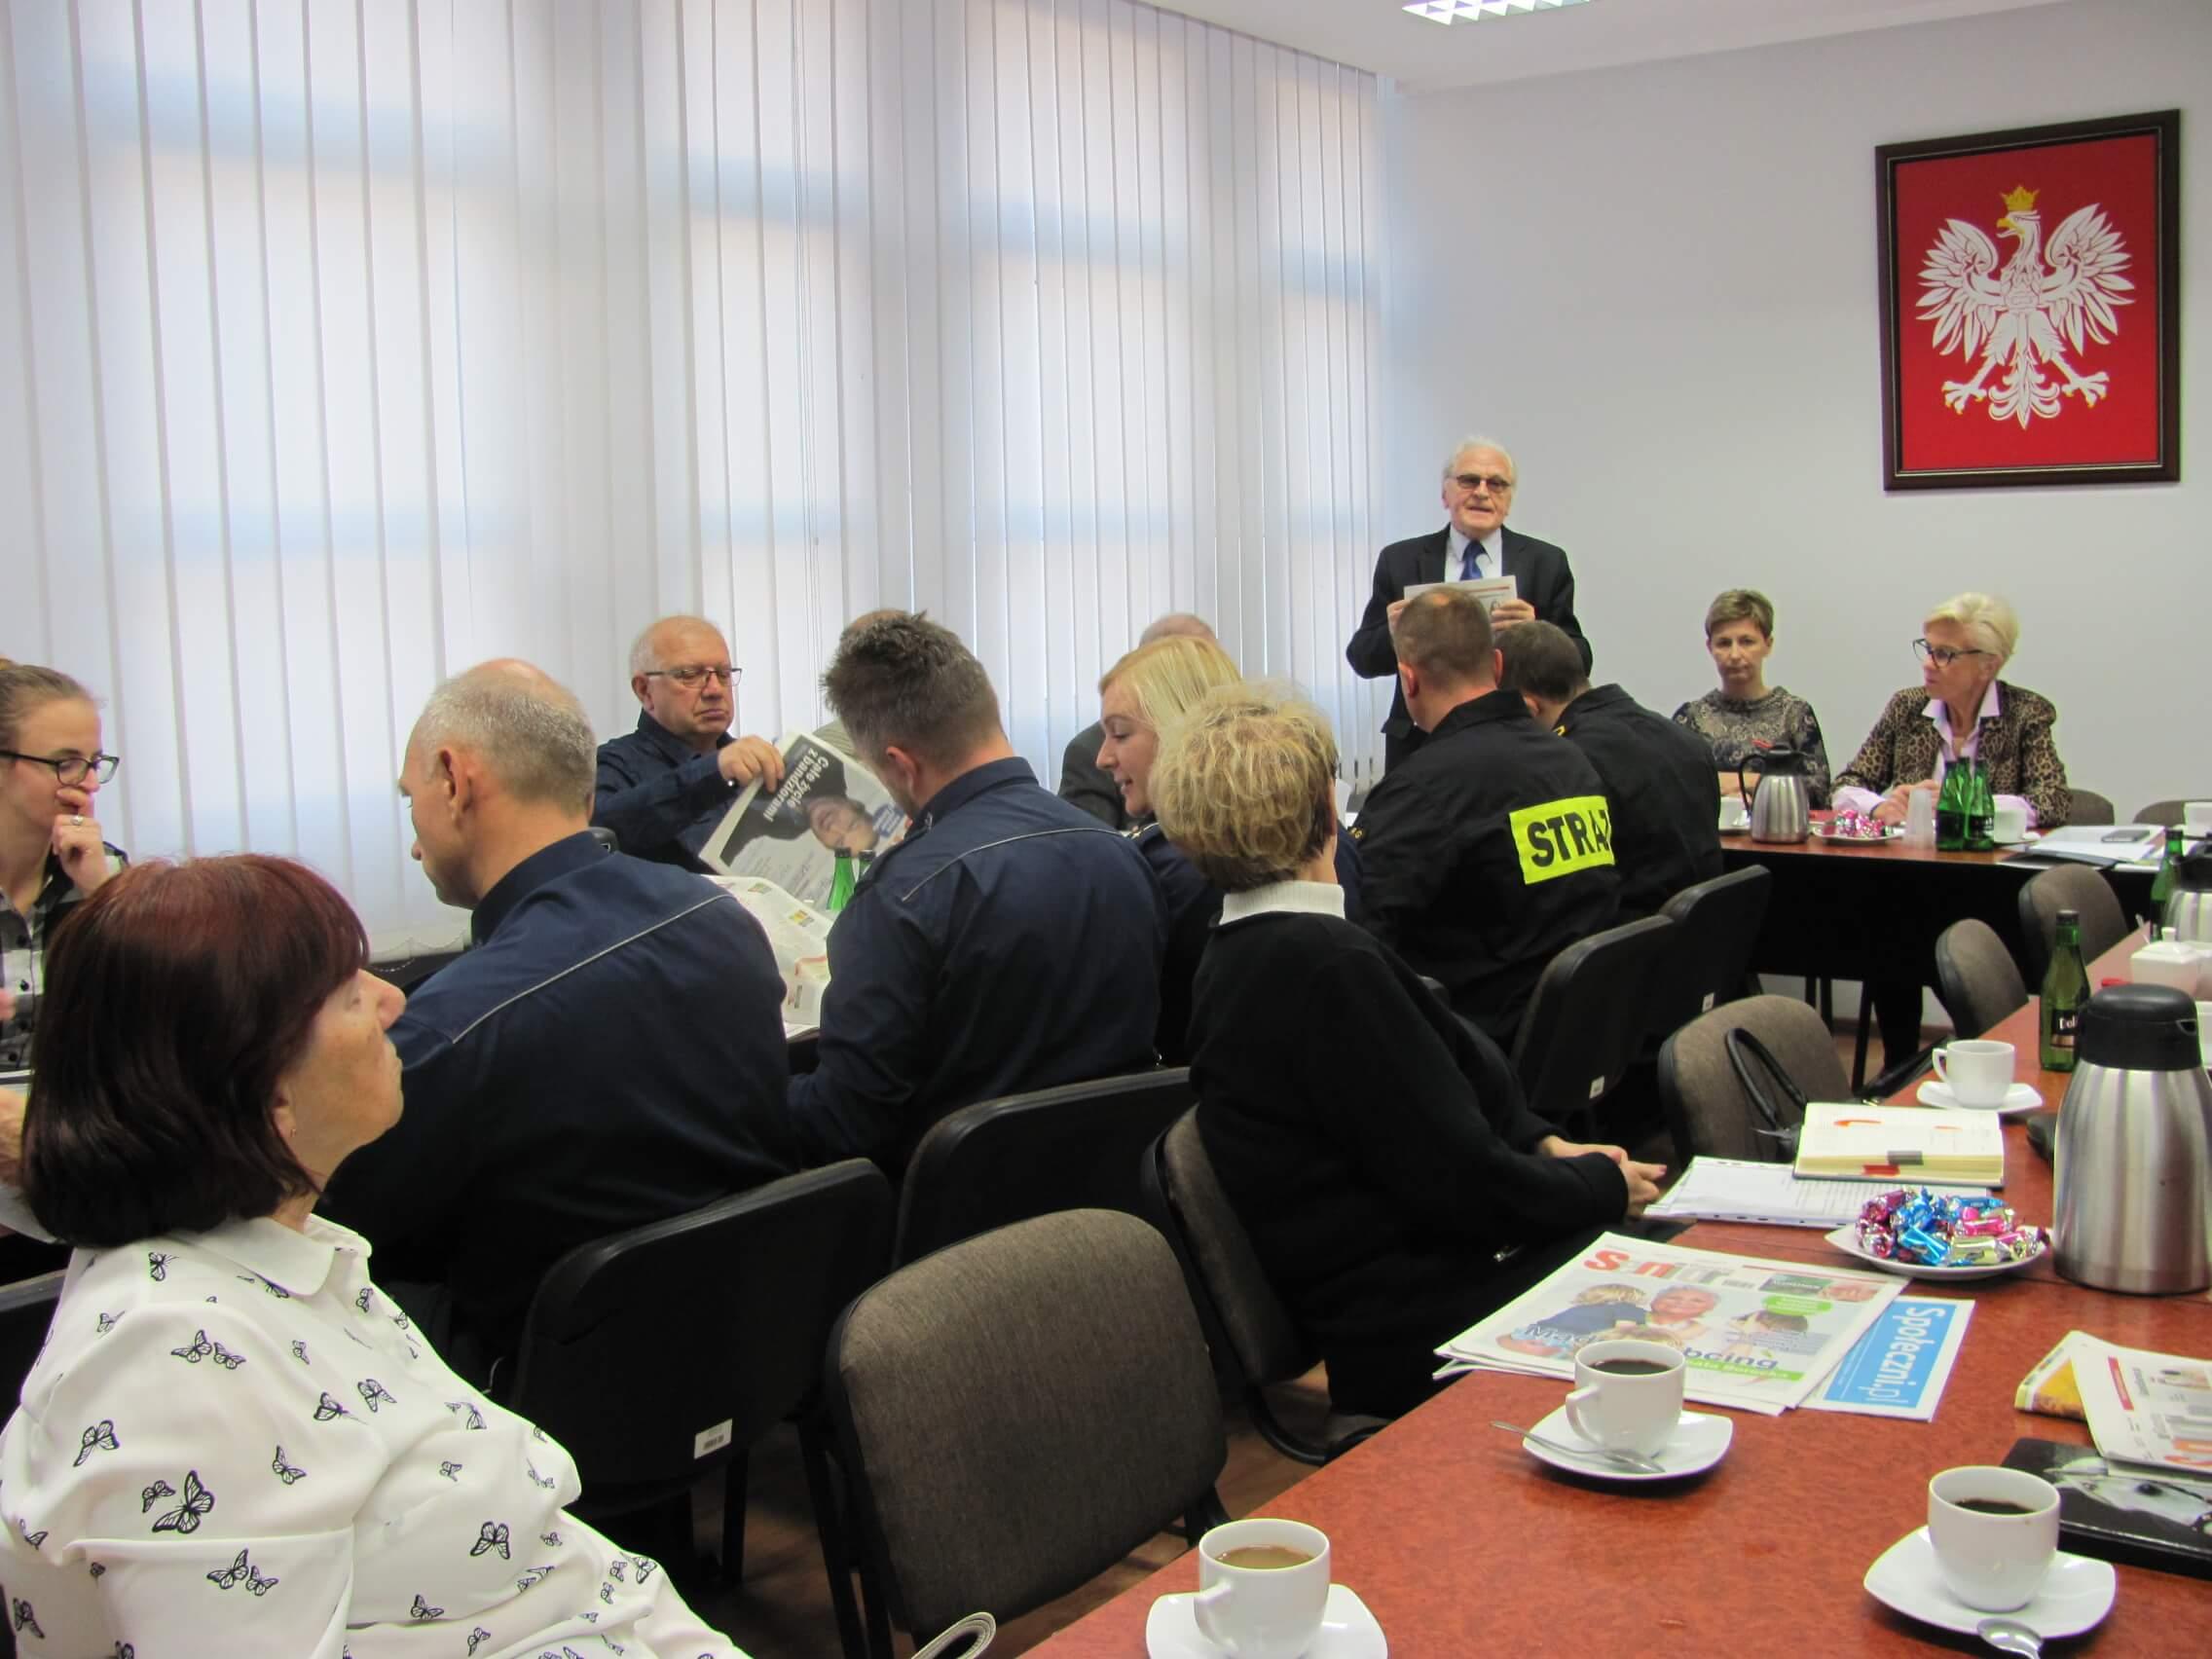 Jak wygląda spotkanie rady seniorów?